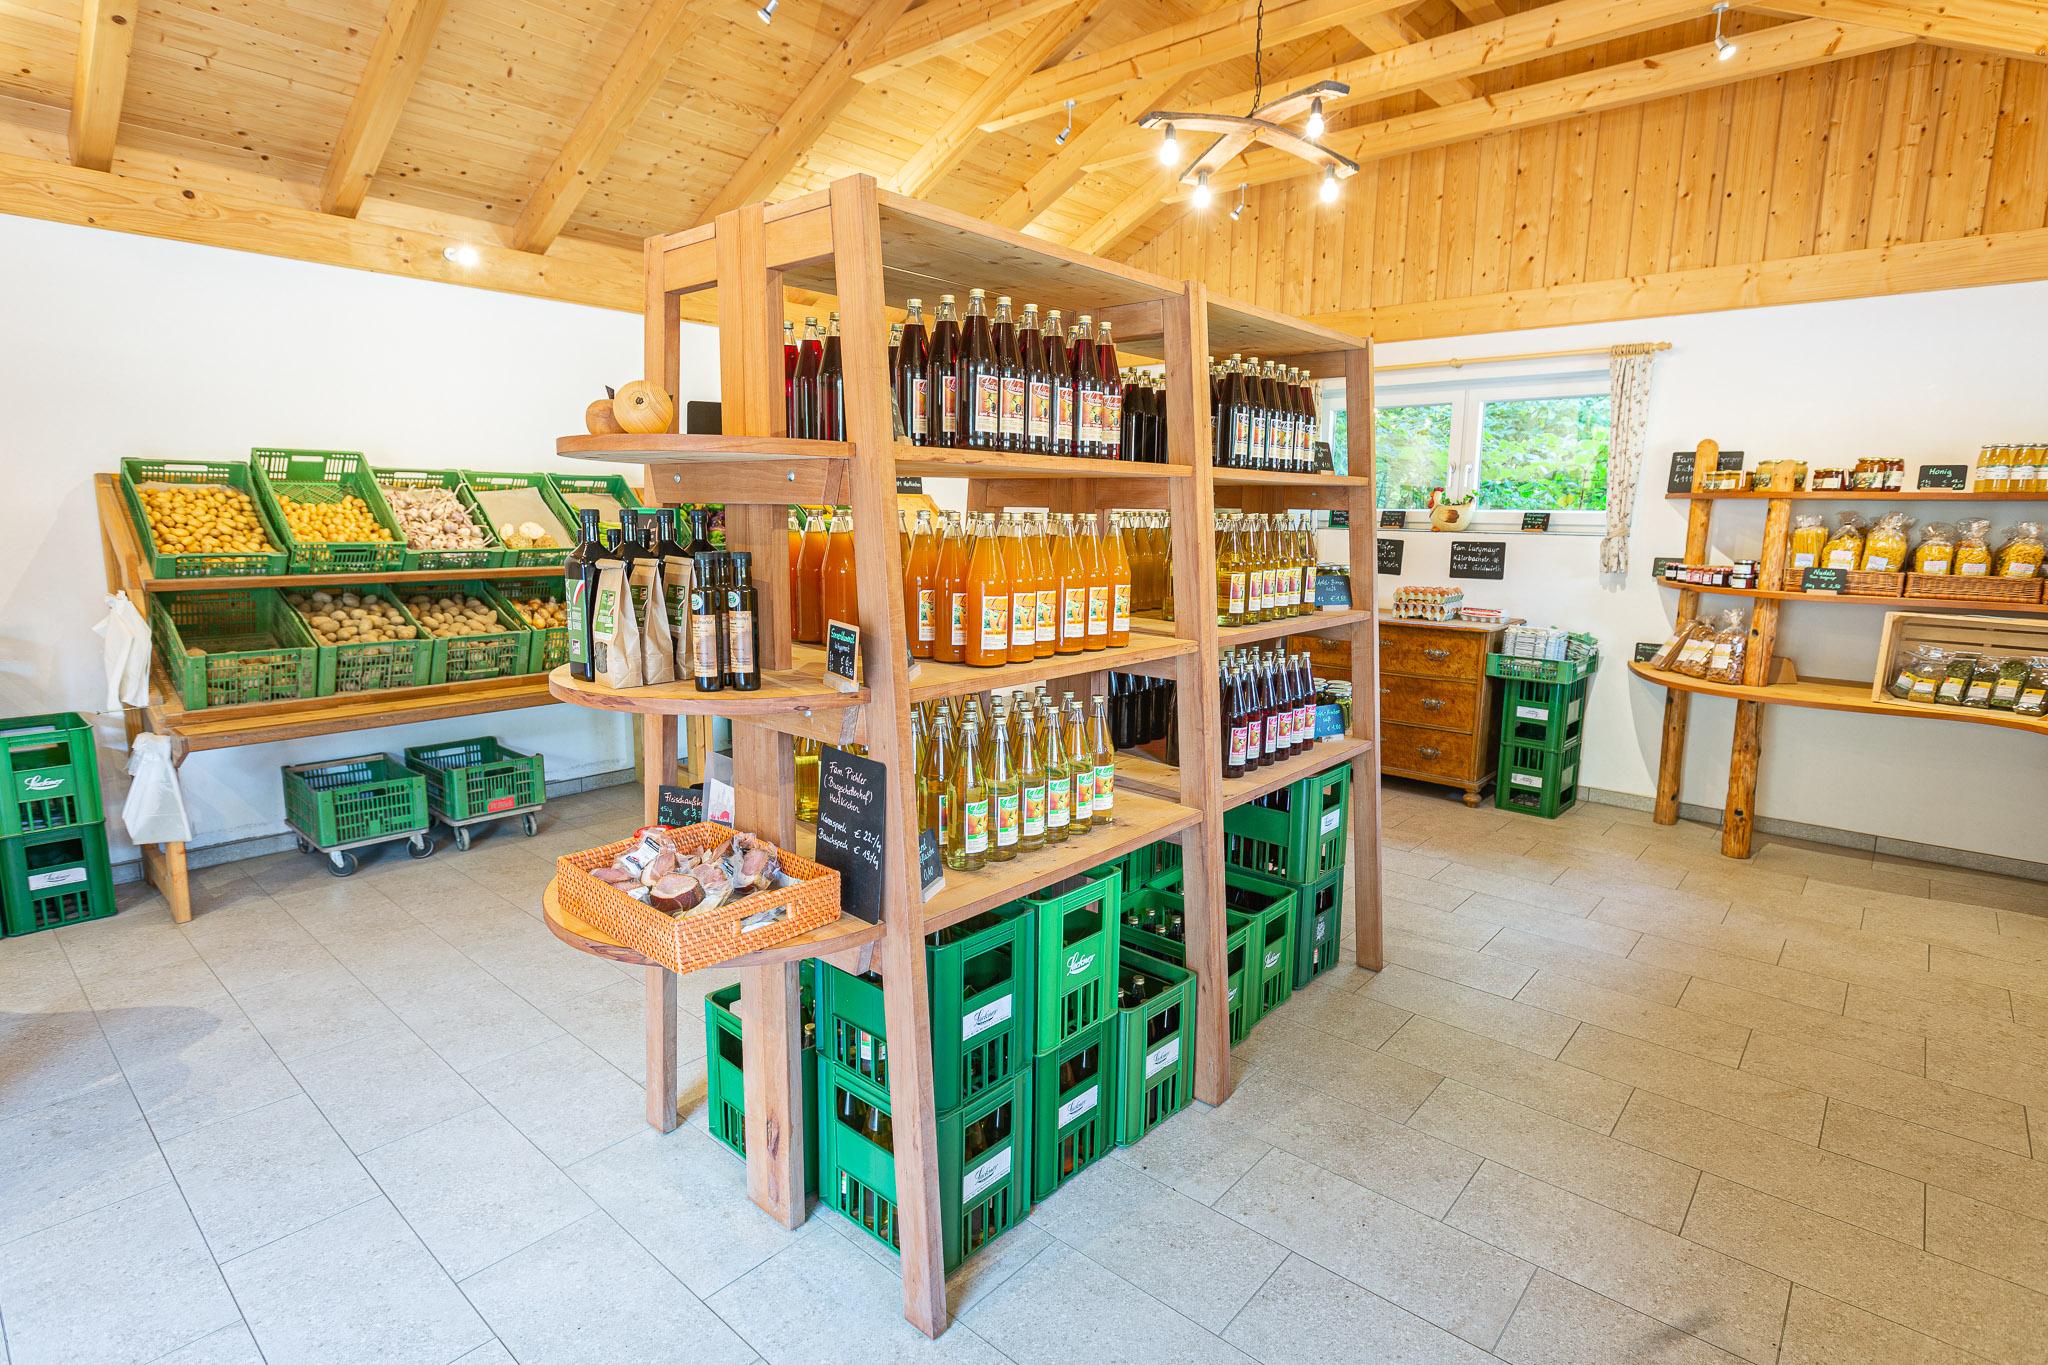 Lackner Hofkellerei Hofladen in Walding laesst keine Wuensche offen